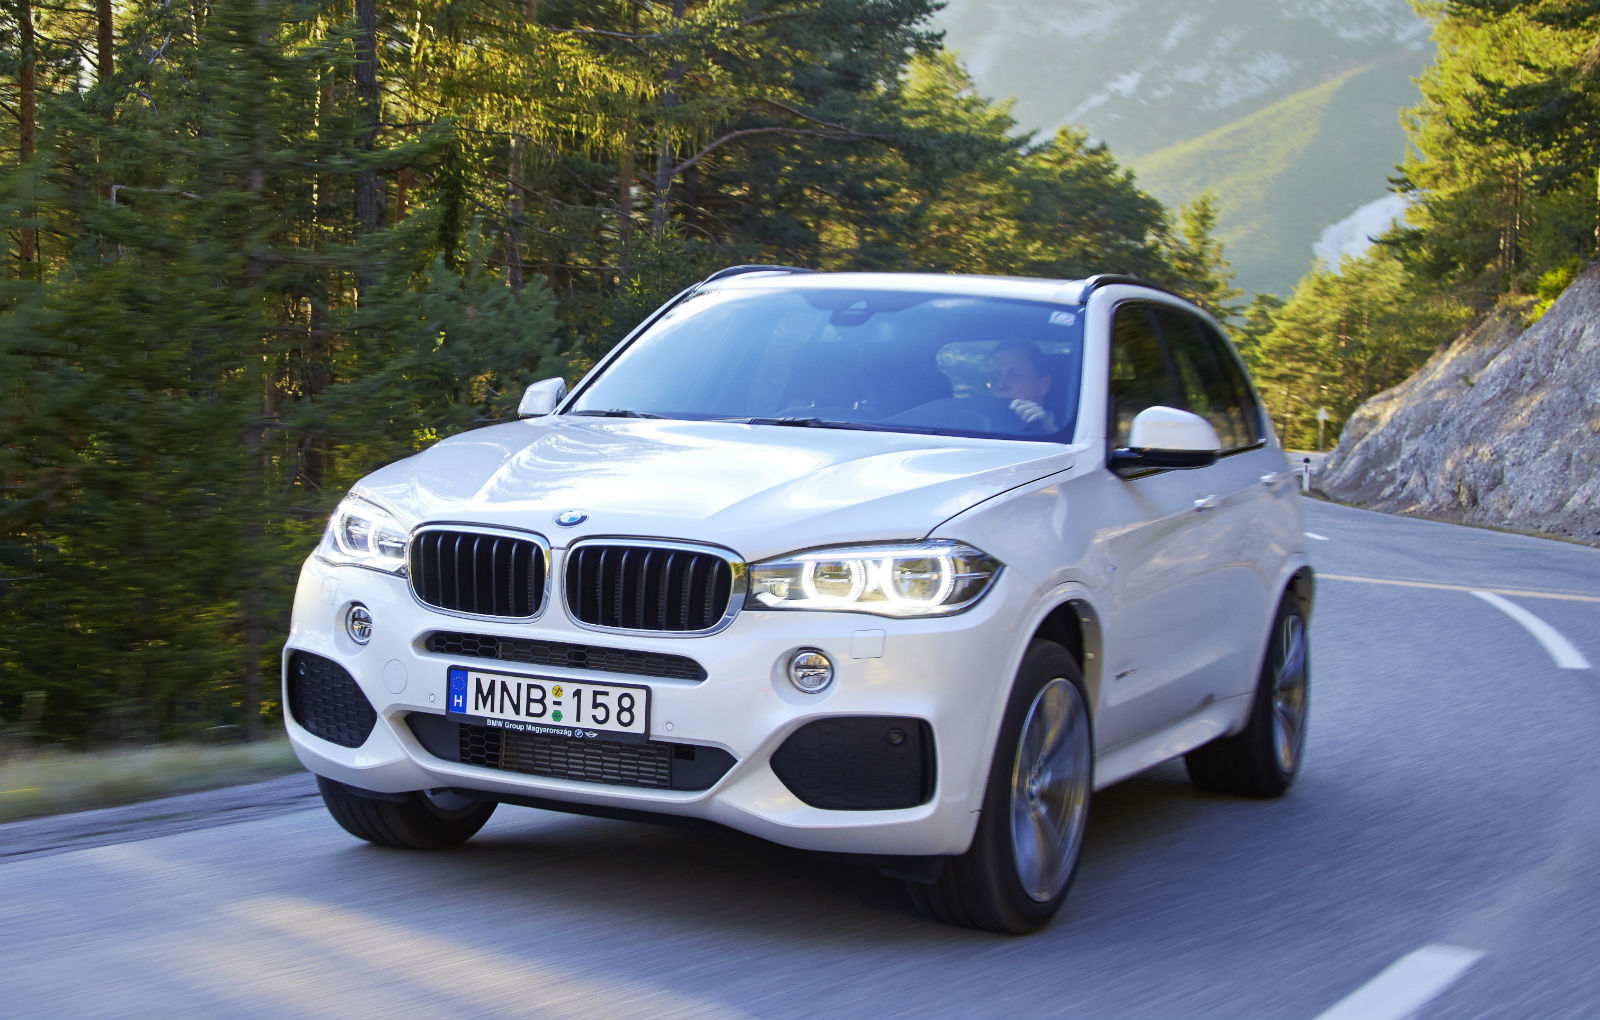 BMW-X5-Automarket